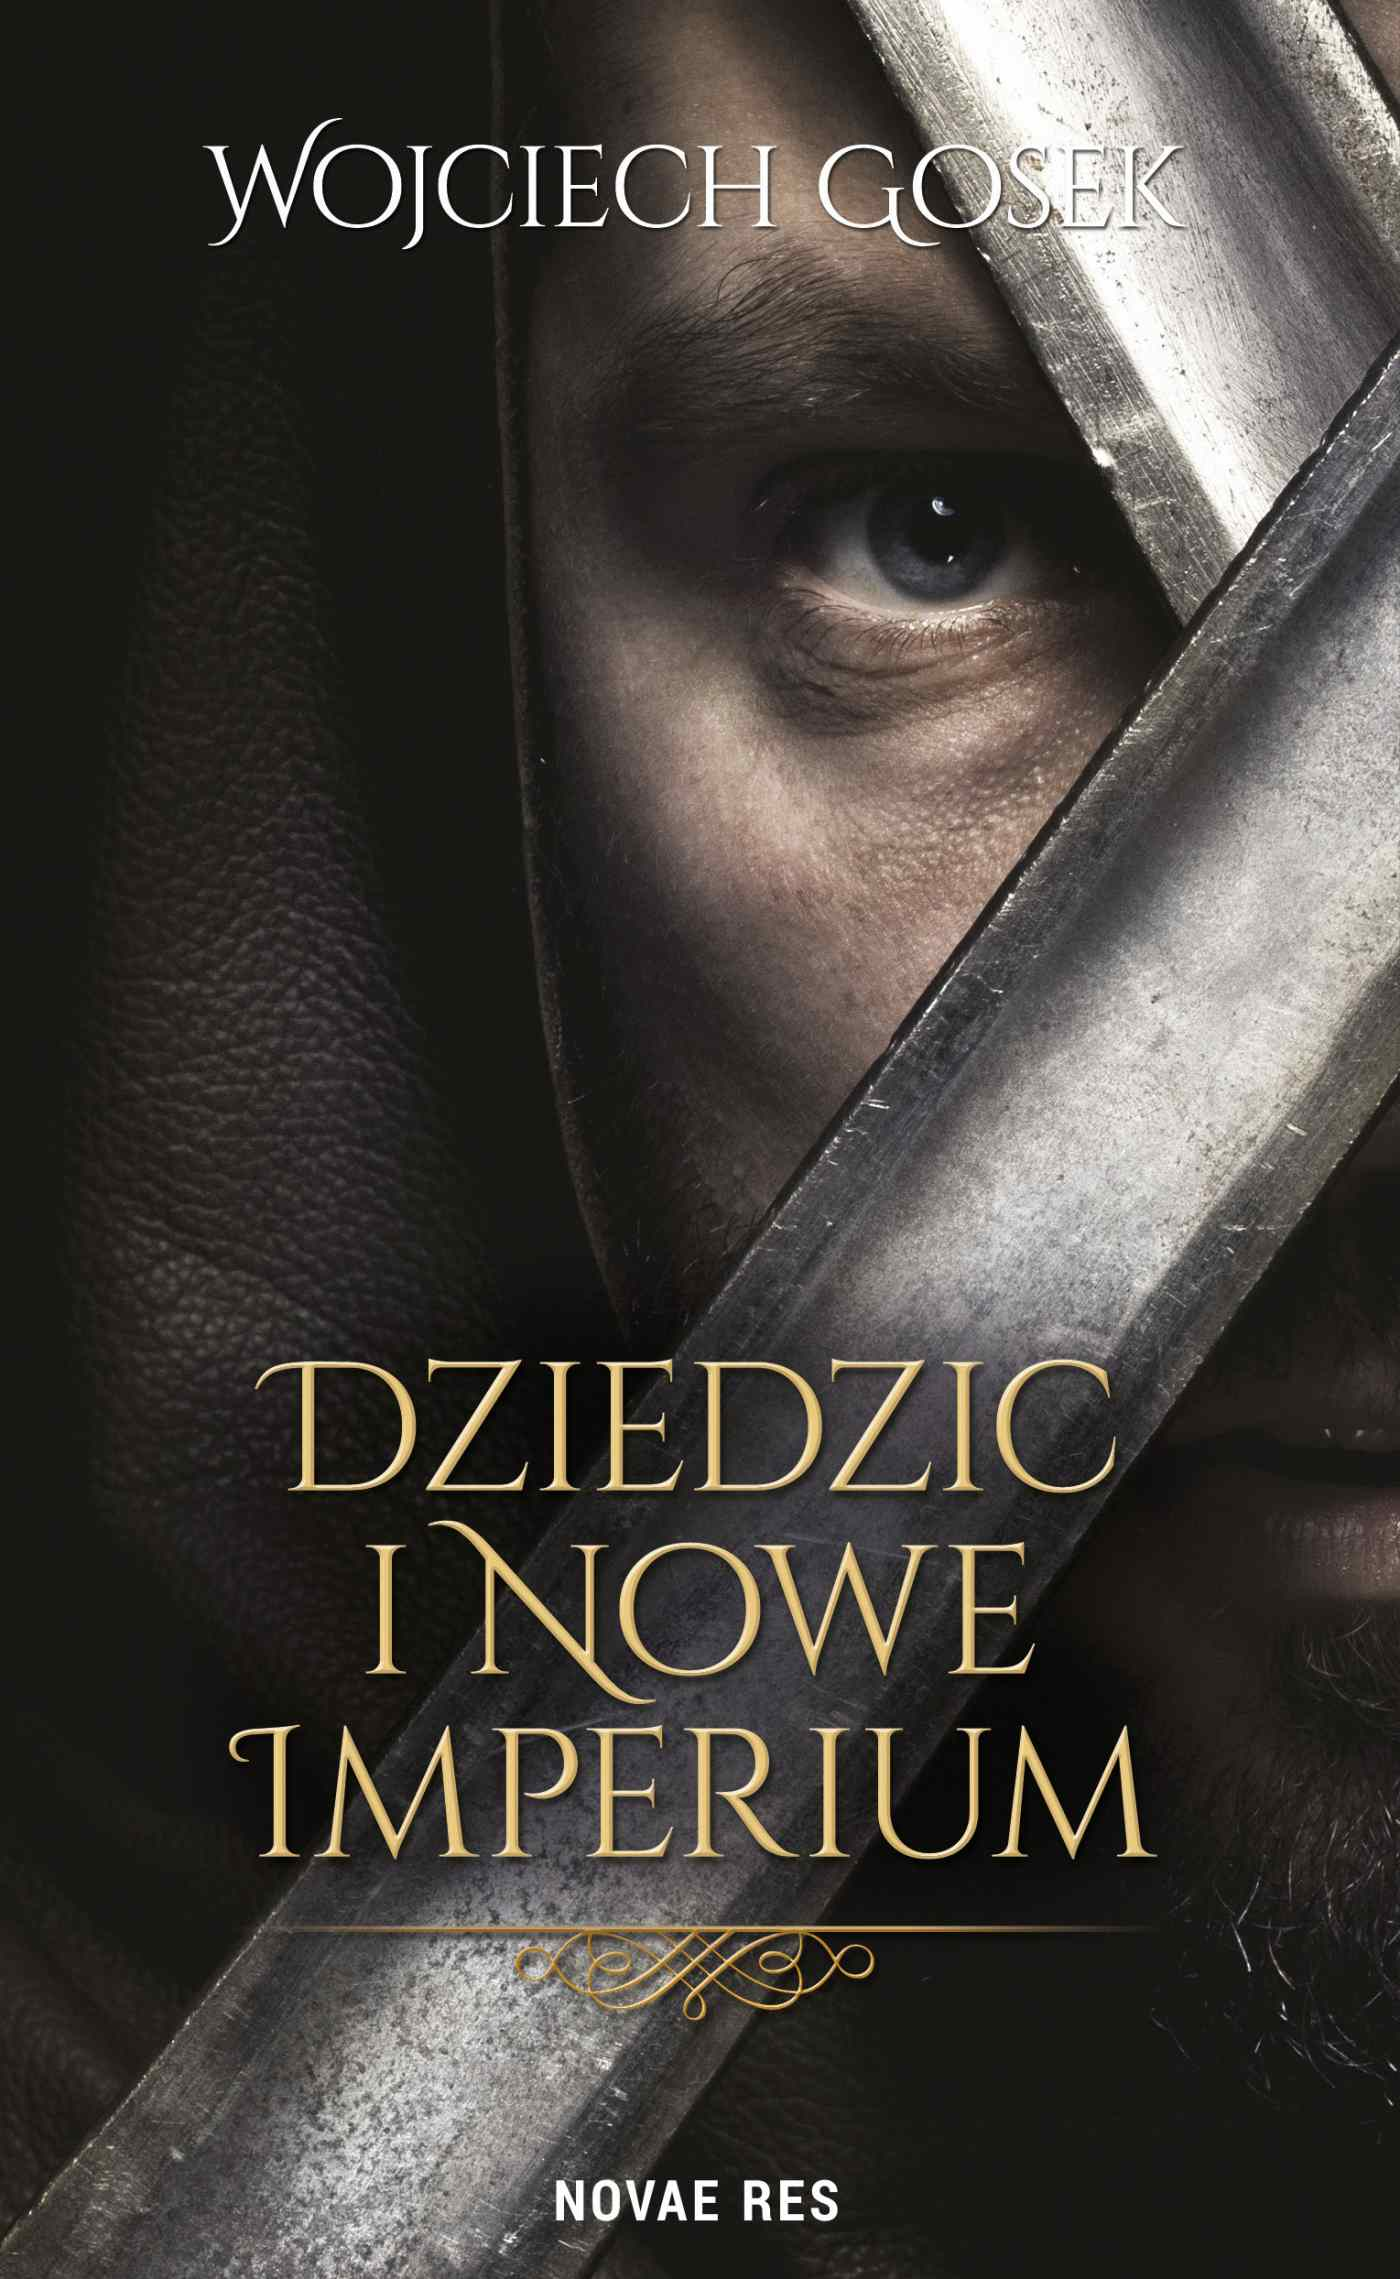 Dziedzic i nowe imperium - Ebook (Książka EPUB) do pobrania w formacie EPUB